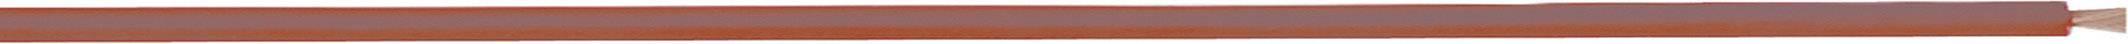 Merací vodič LappKabel 4560036S LiFY, 1 x 1.50 mm², vonkajší Ø 3.70 mm, metrový tovar, červená